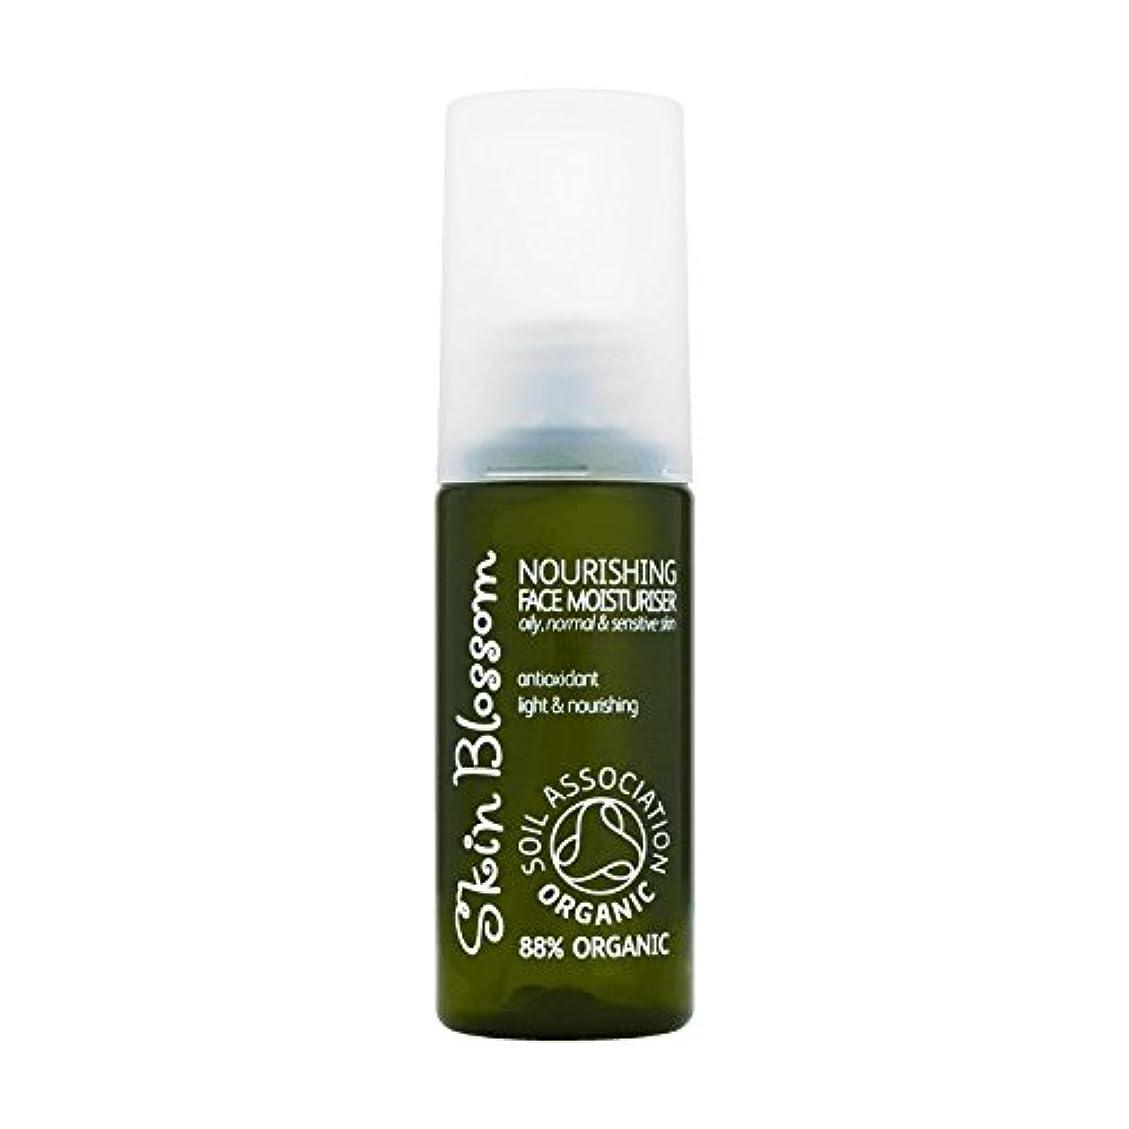 汚す天文学科学者皮膚の花栄養顔の保湿クリーム50Ml - Skin Blossom Nourishing Face Moisturiser 50ml (Skin Blossom) [並行輸入品]